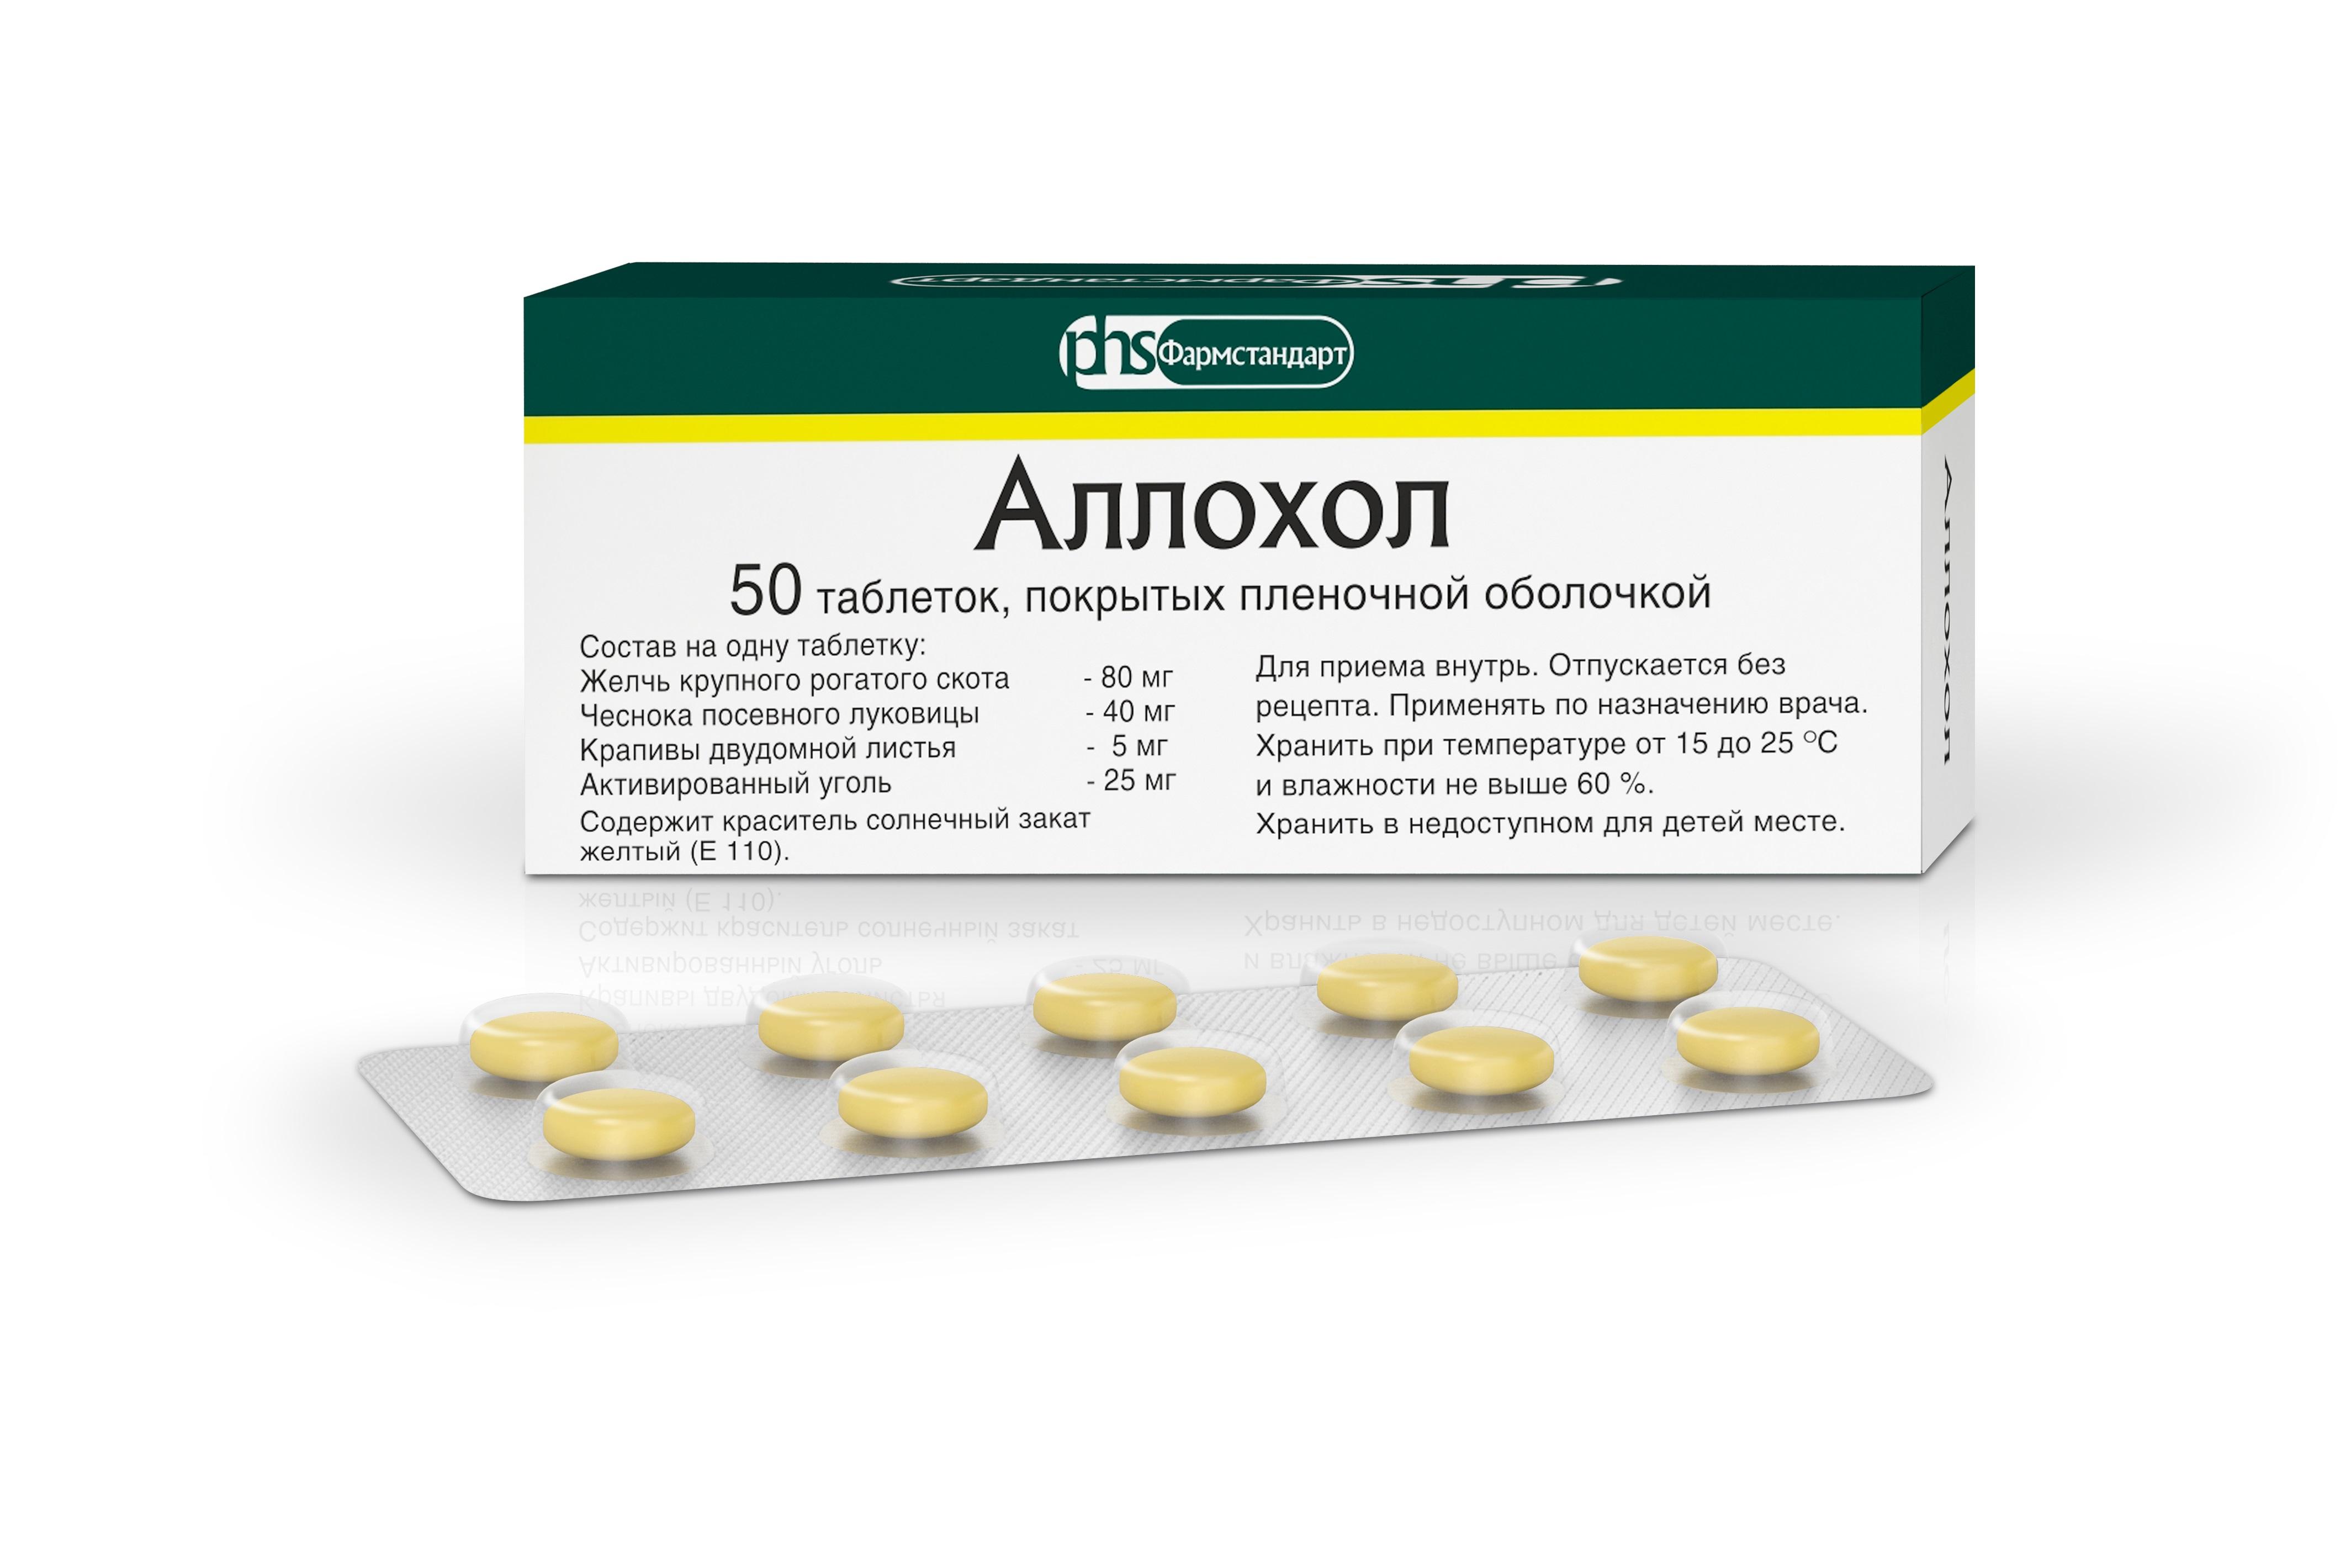 Таблетки аллохол – инструкция по применению, отзывы, показания